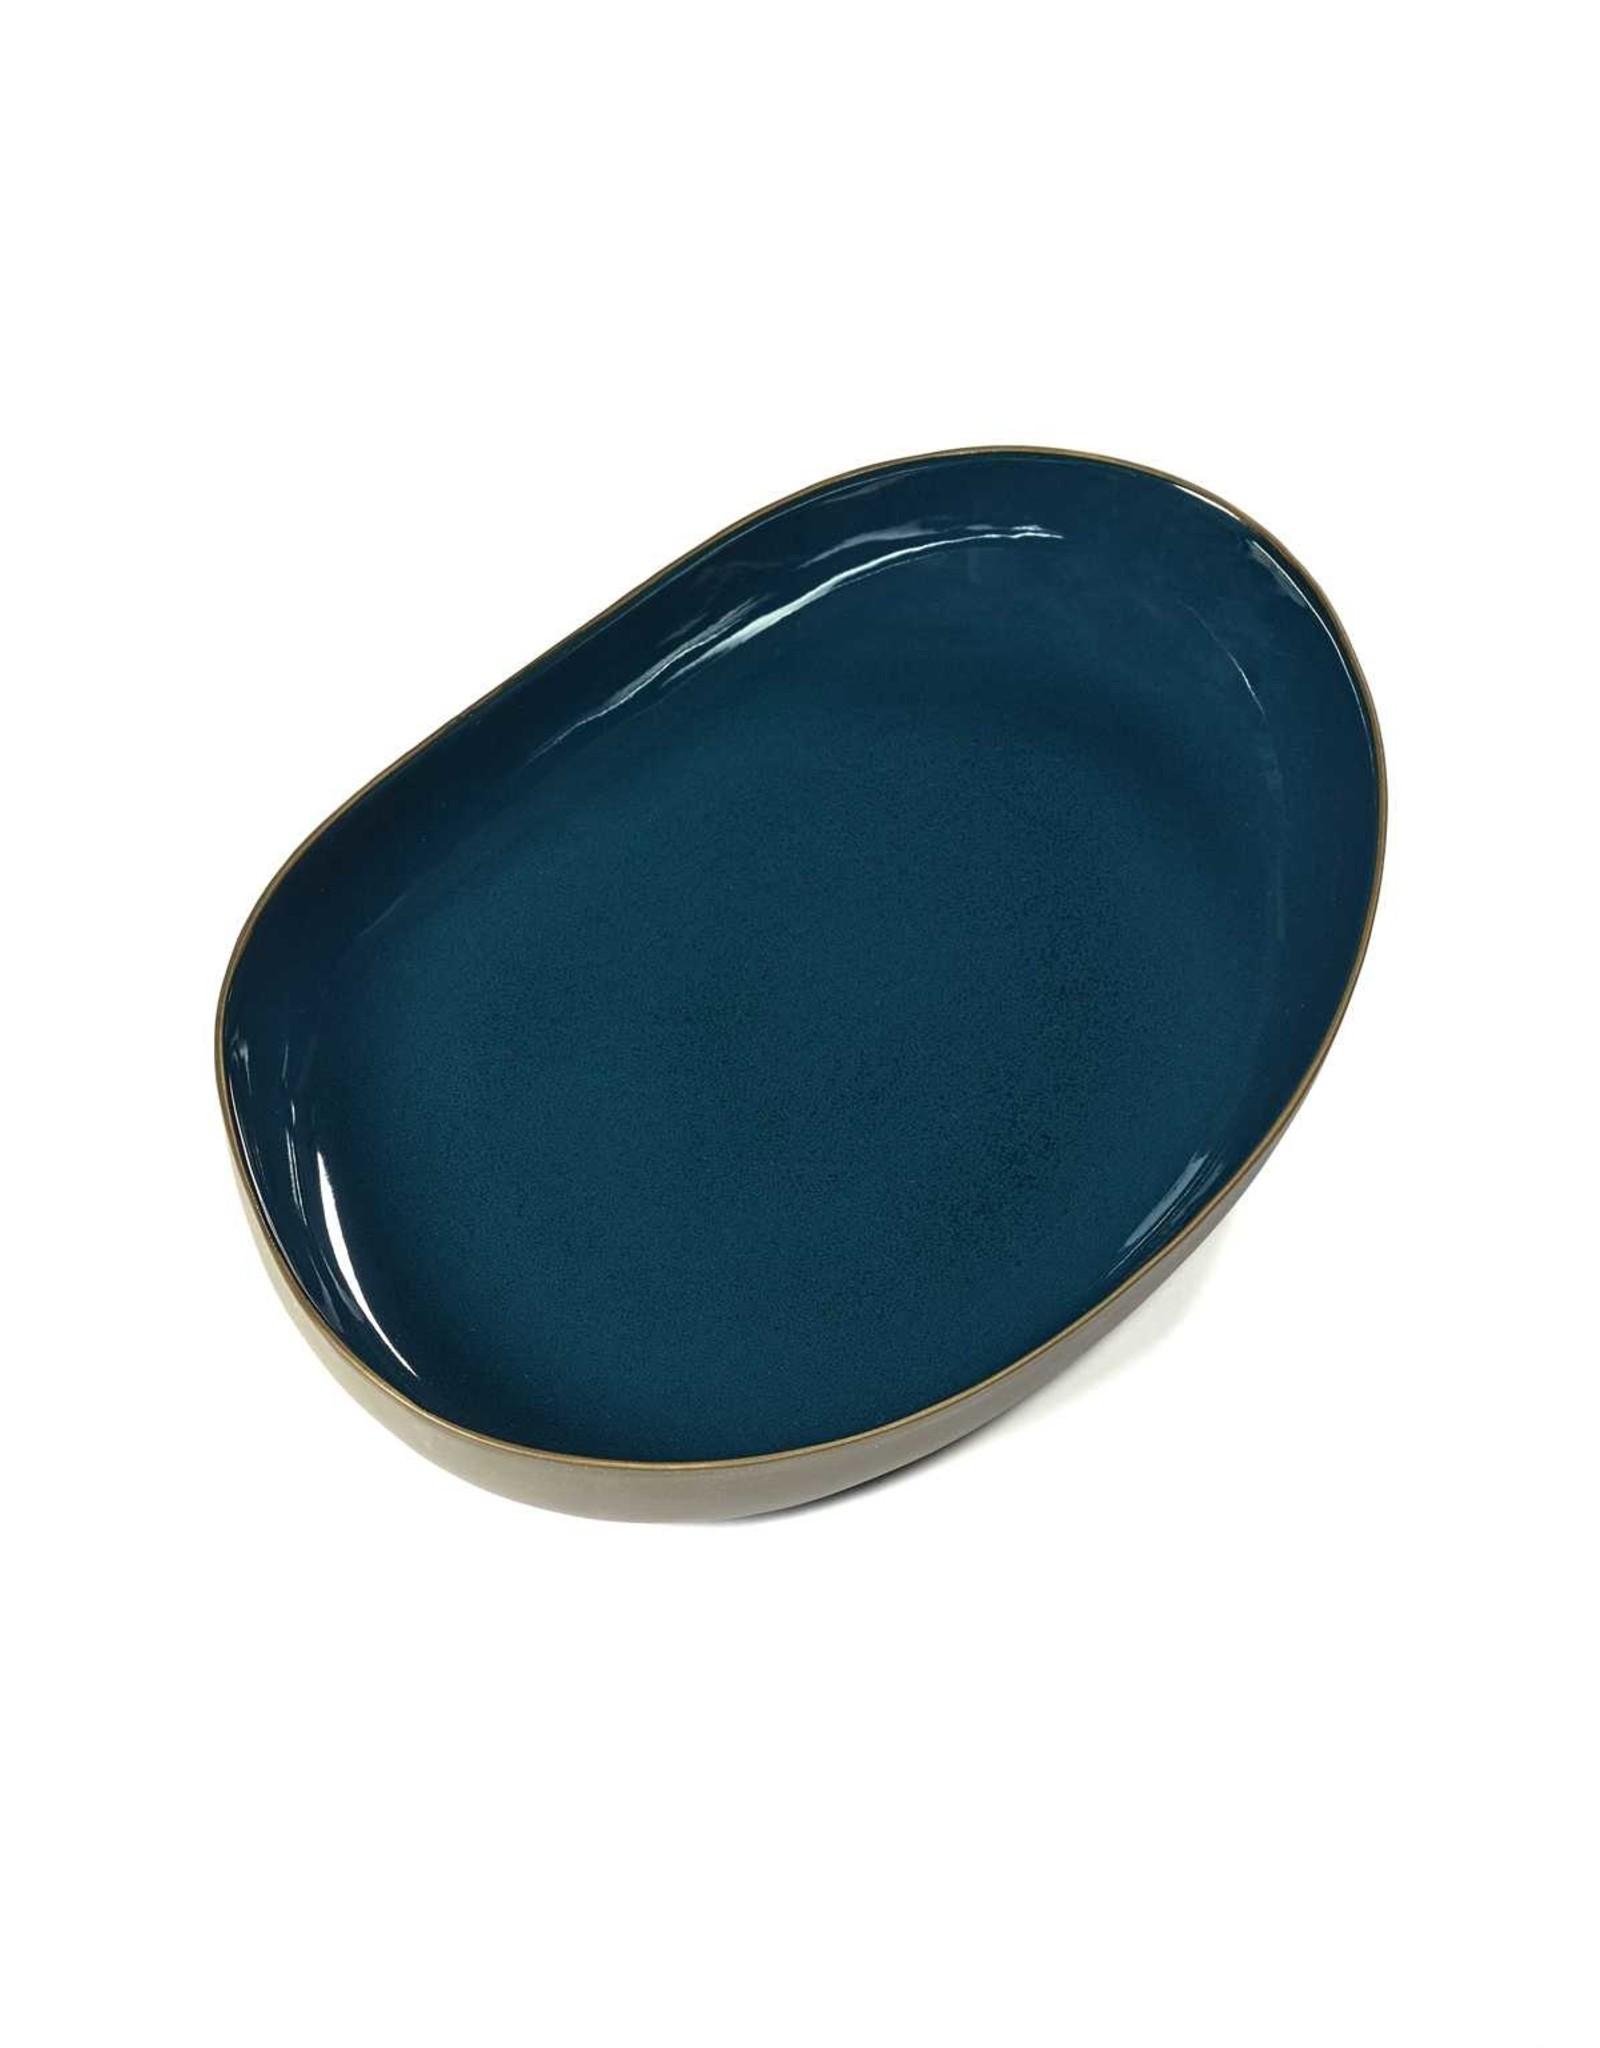 Serax NV Serveerkom RUR:AL L38 x B26 x H4.5cm blauw